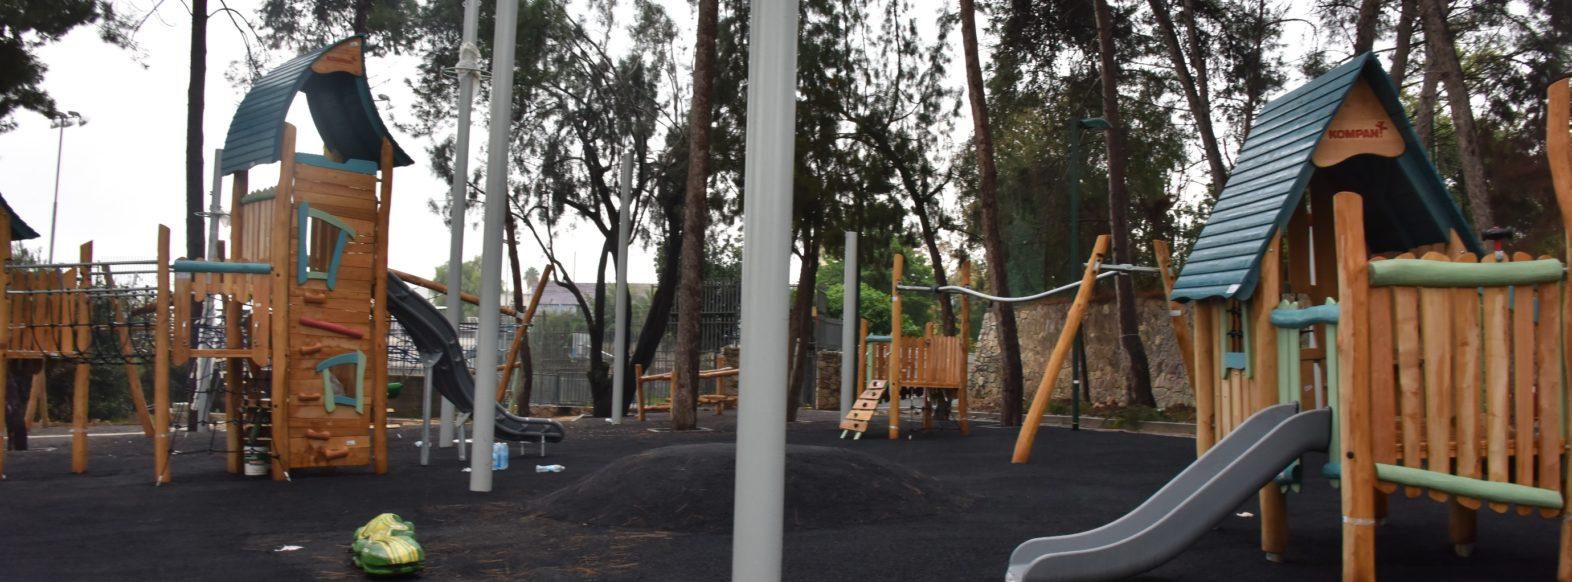 בעקבות עלייה בתחלואה בקורונה פארקים ומגרשי משחקים נסגרו במוצקין